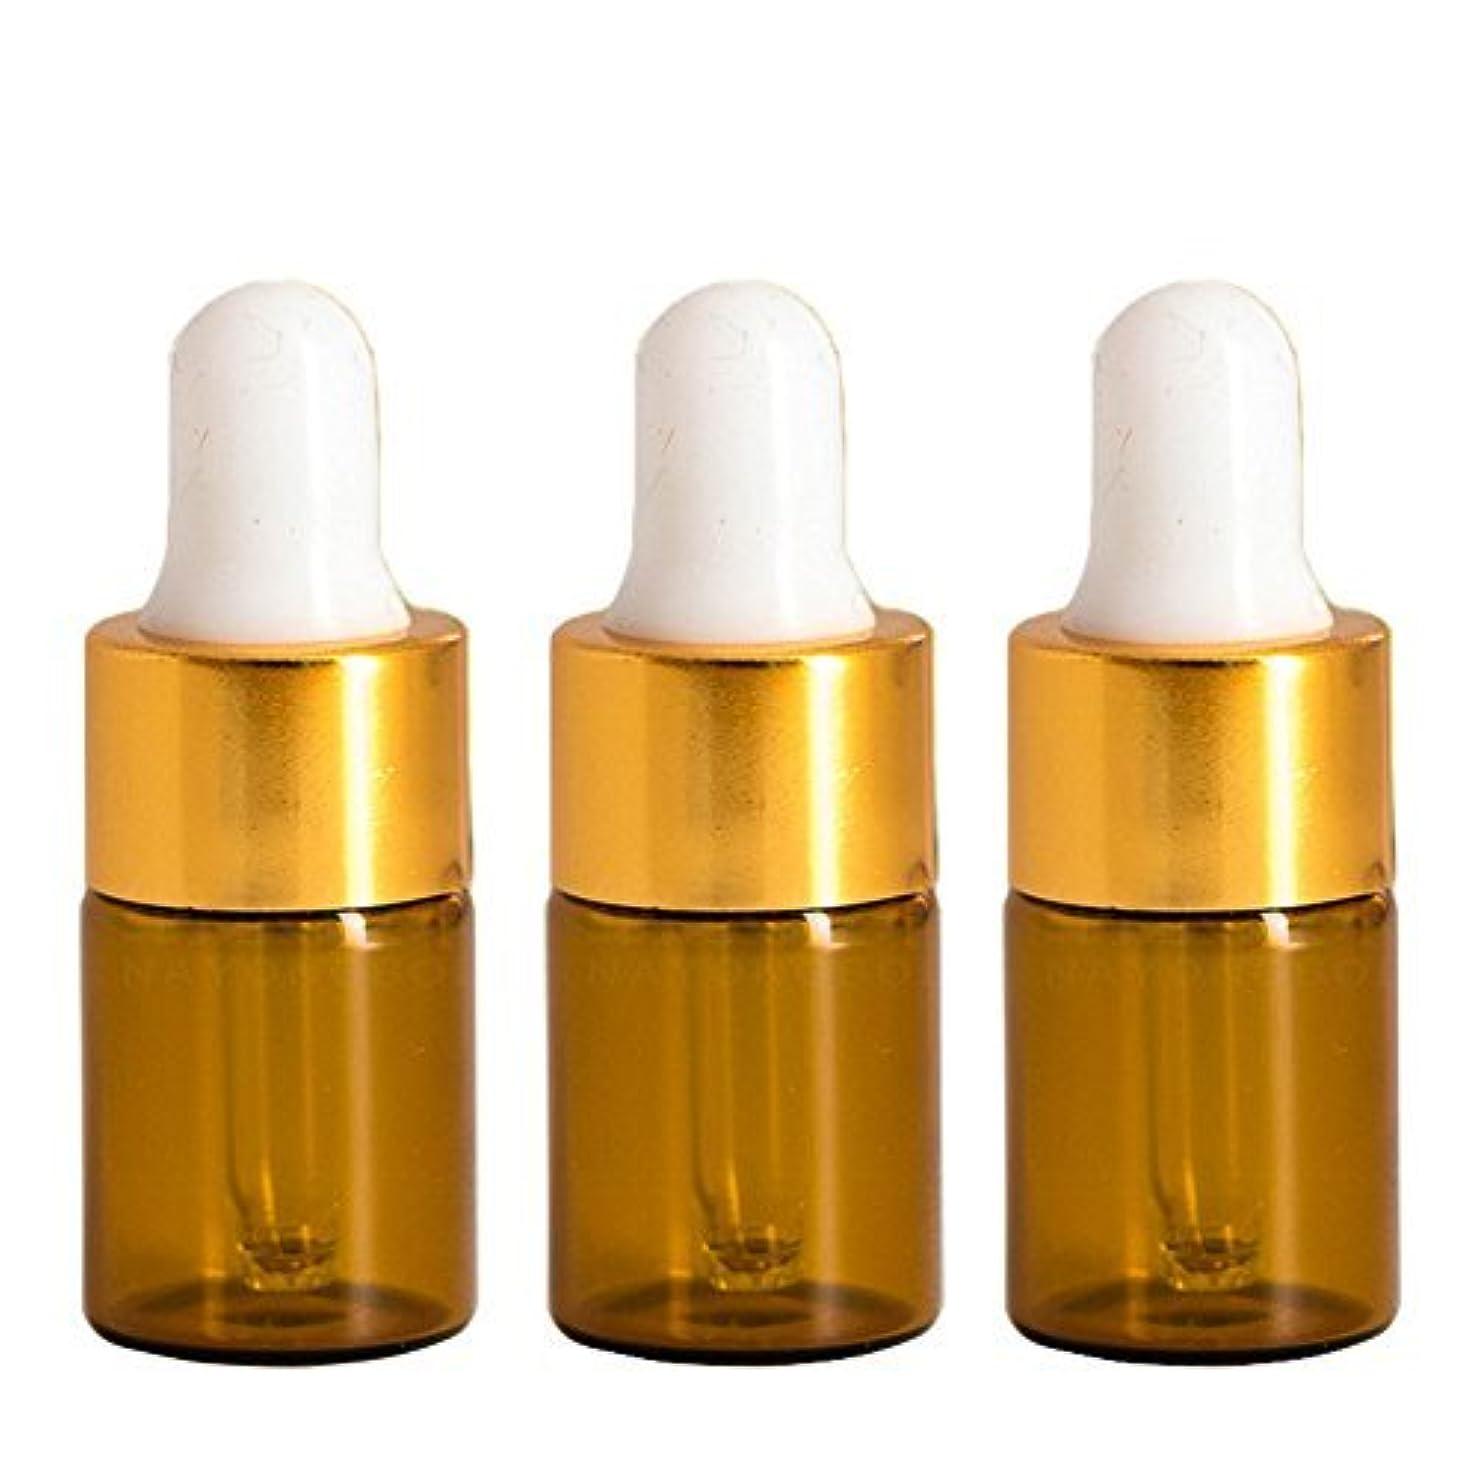 誰かマニアックベリFurnido 15 pieces Mini Amber Glass Bottle with White Glass Pipette Dropper Rubber &Gold caps for Small Portable...